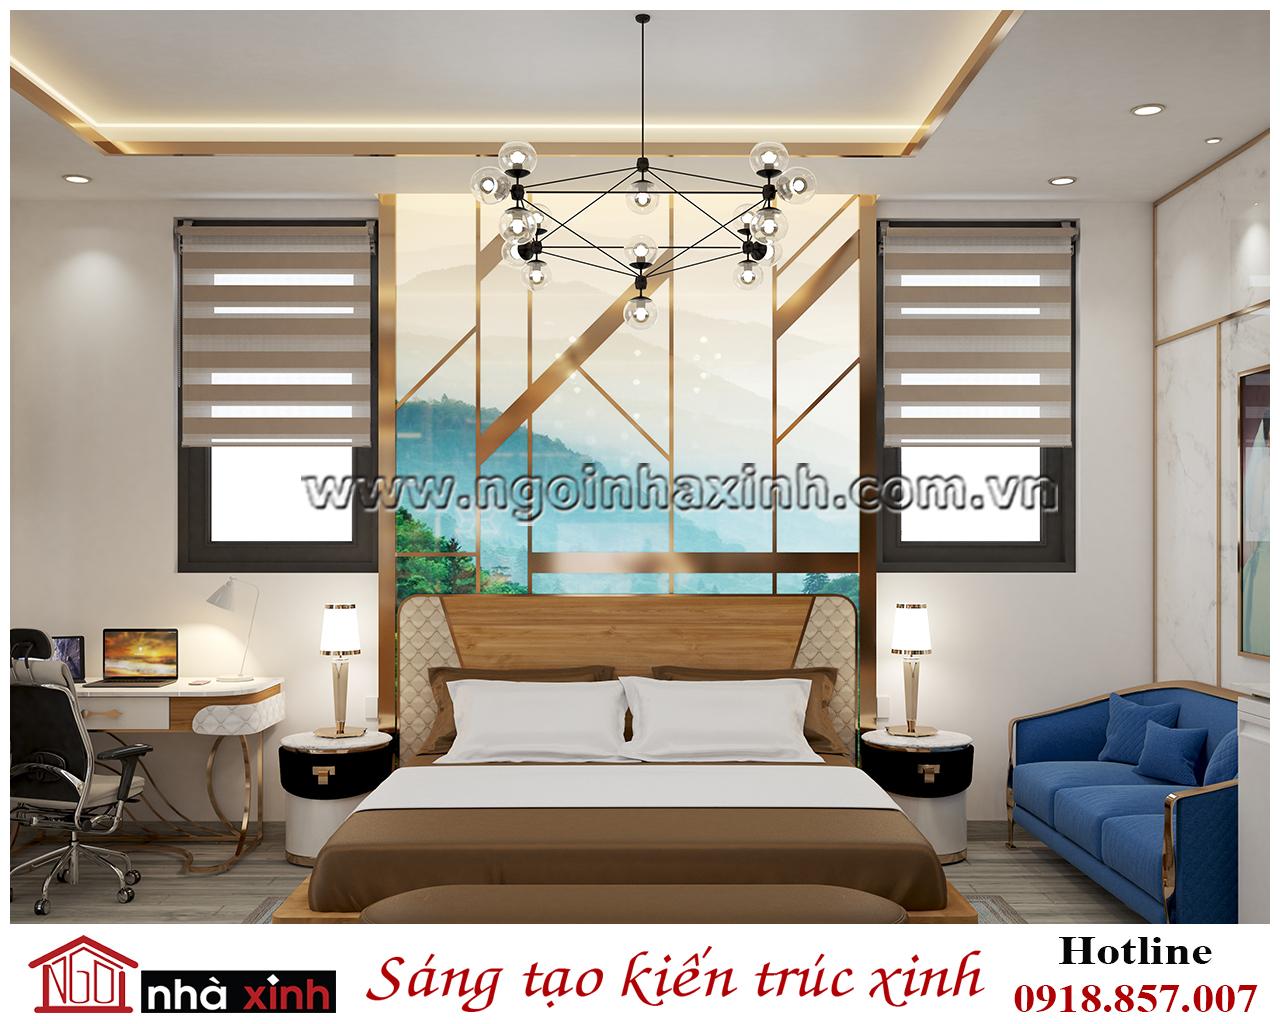 Thiết kế nội thất phòng ngủ master đẹp, noi that dep, nhà xinh, nha xinh, nội thất đẹp, ngôi nhà xinh, nội thất ngôi nhà xinh